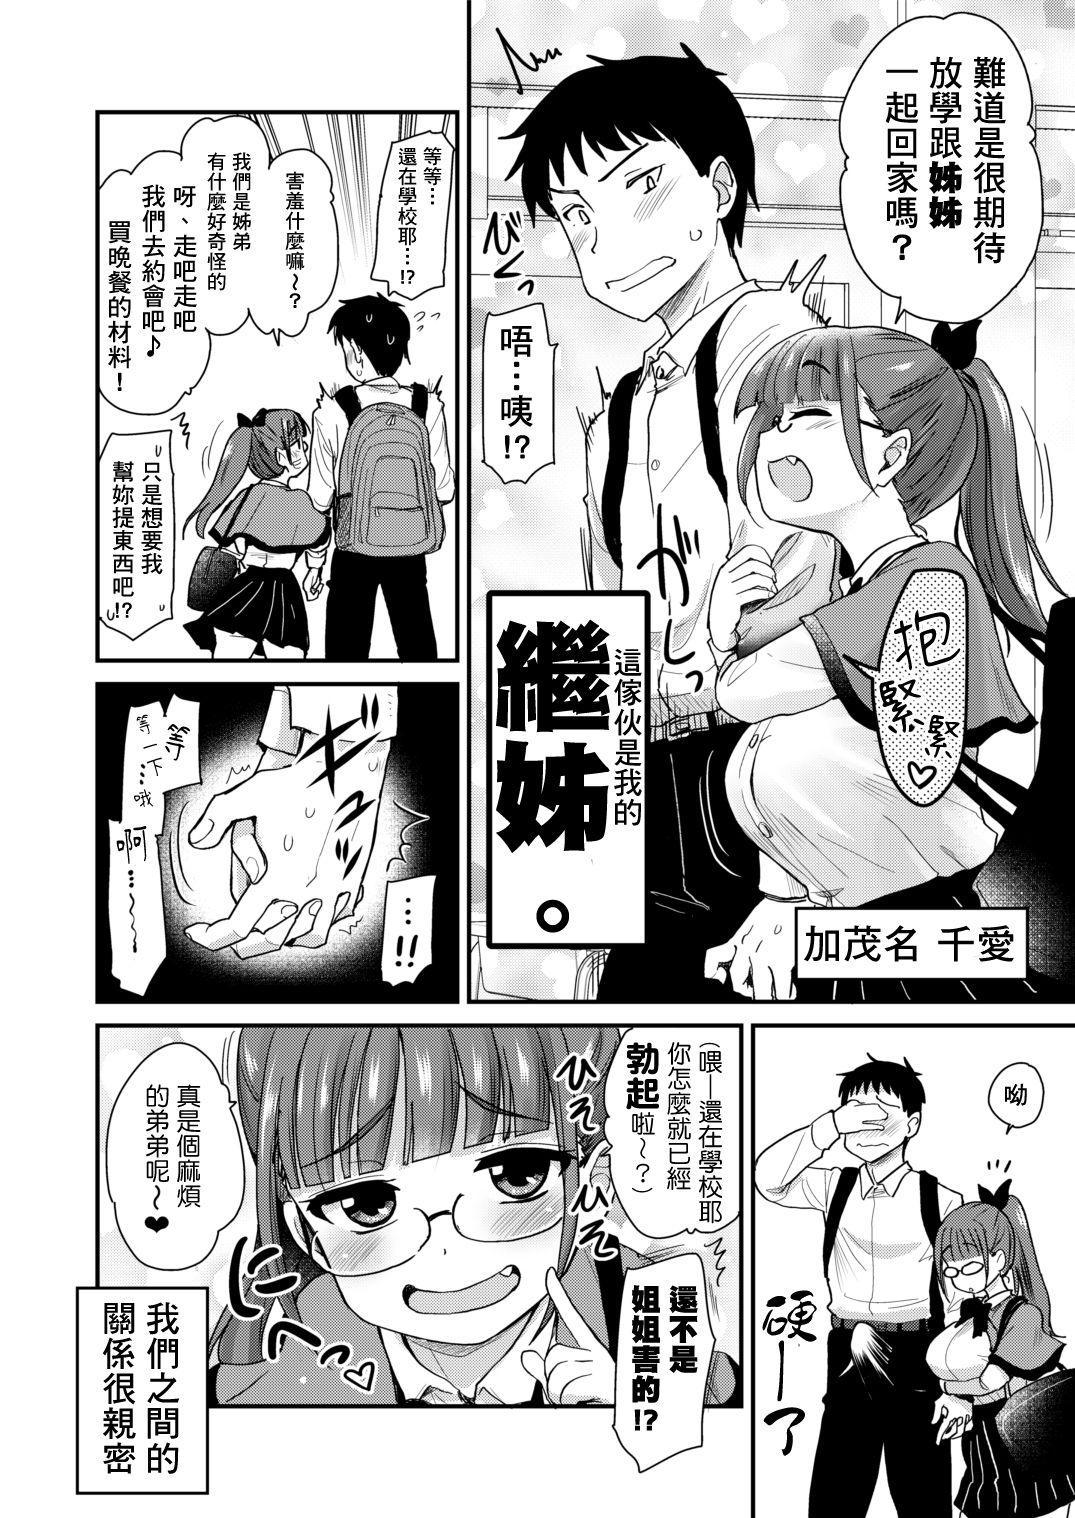 Otouto no Seiyoku Shori wa, Ane ga Suru Mono da to Onee-chan wa Omotte iru. | 弟弟的性慾處理是姊姊的義務,我的繼姊覺得這樣理所當然。 3